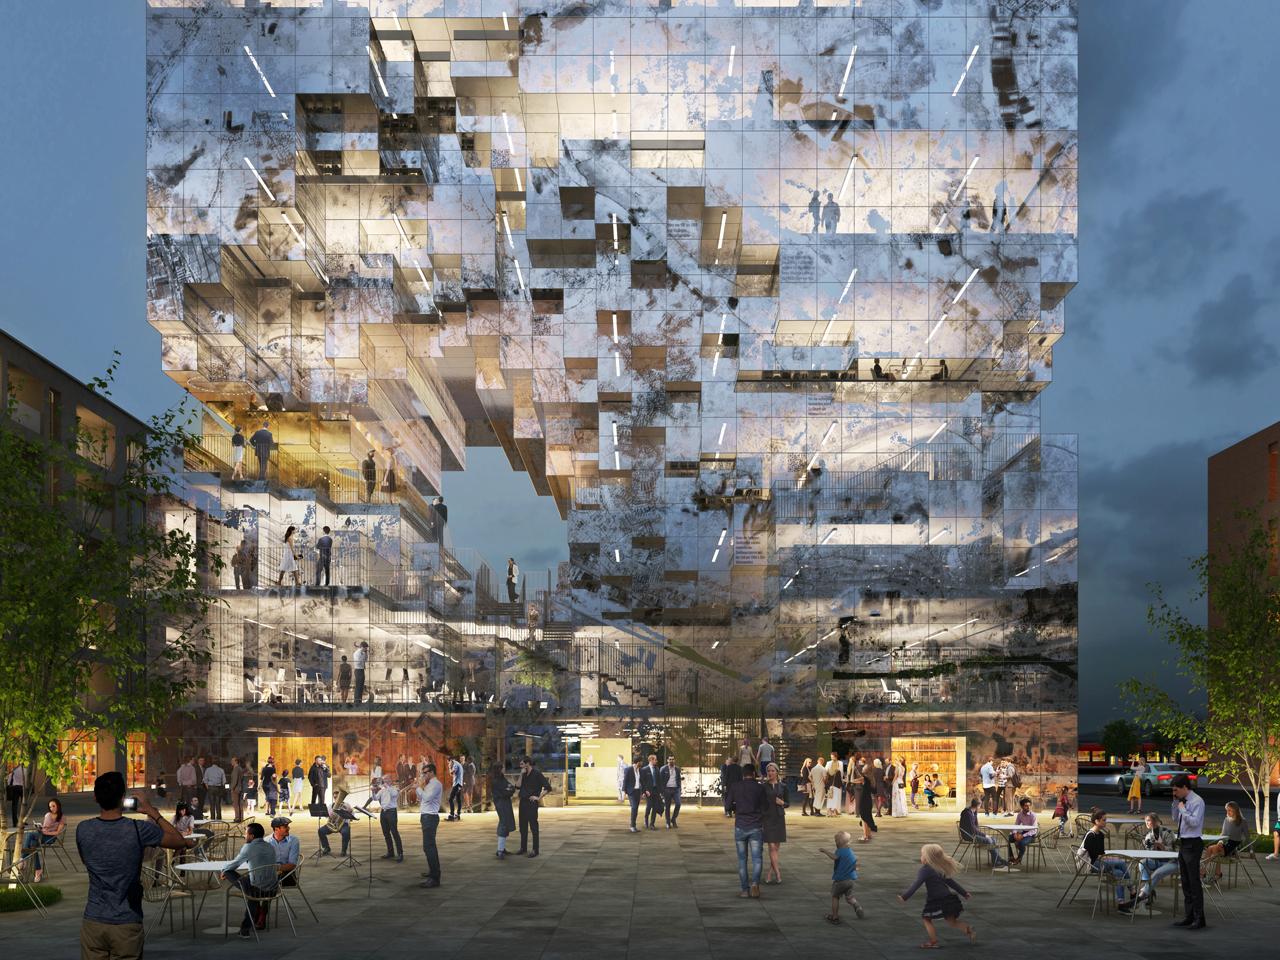 Arquitectura pixelada